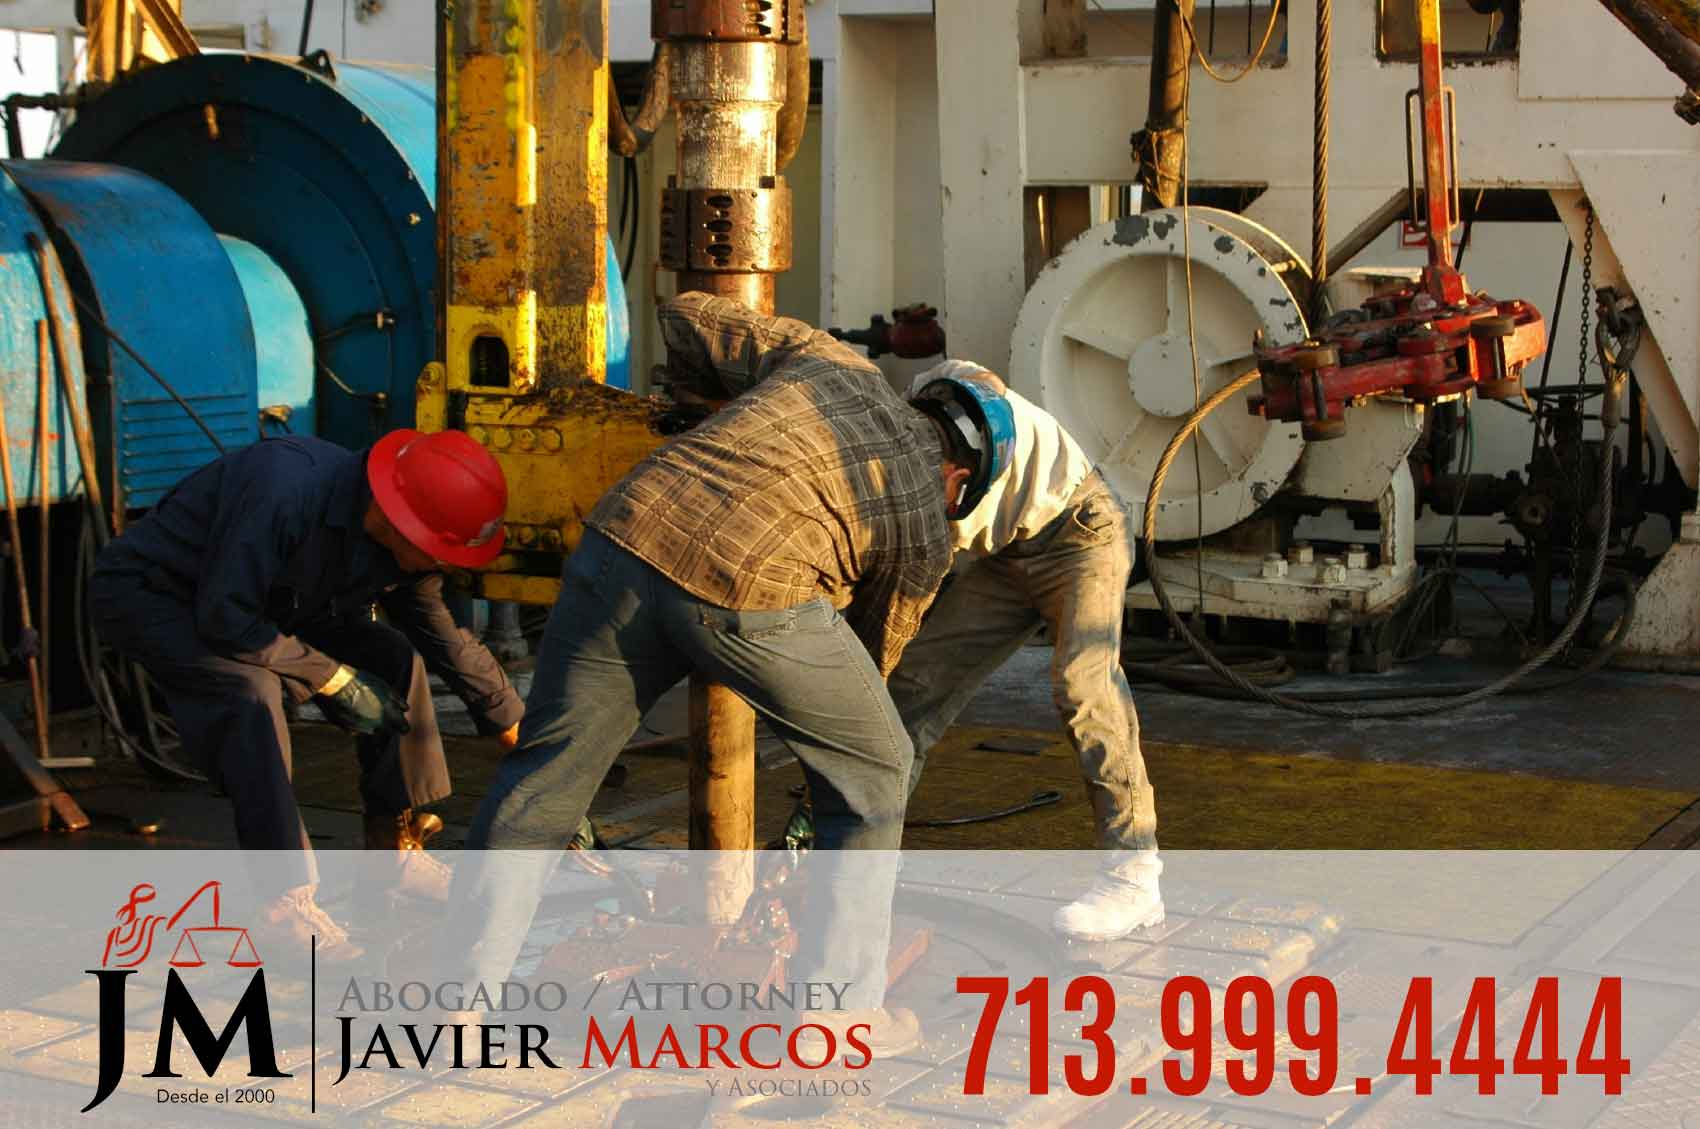 Abogado Accidente en el mar | Abogado Javier Marcos | 713.999.4444